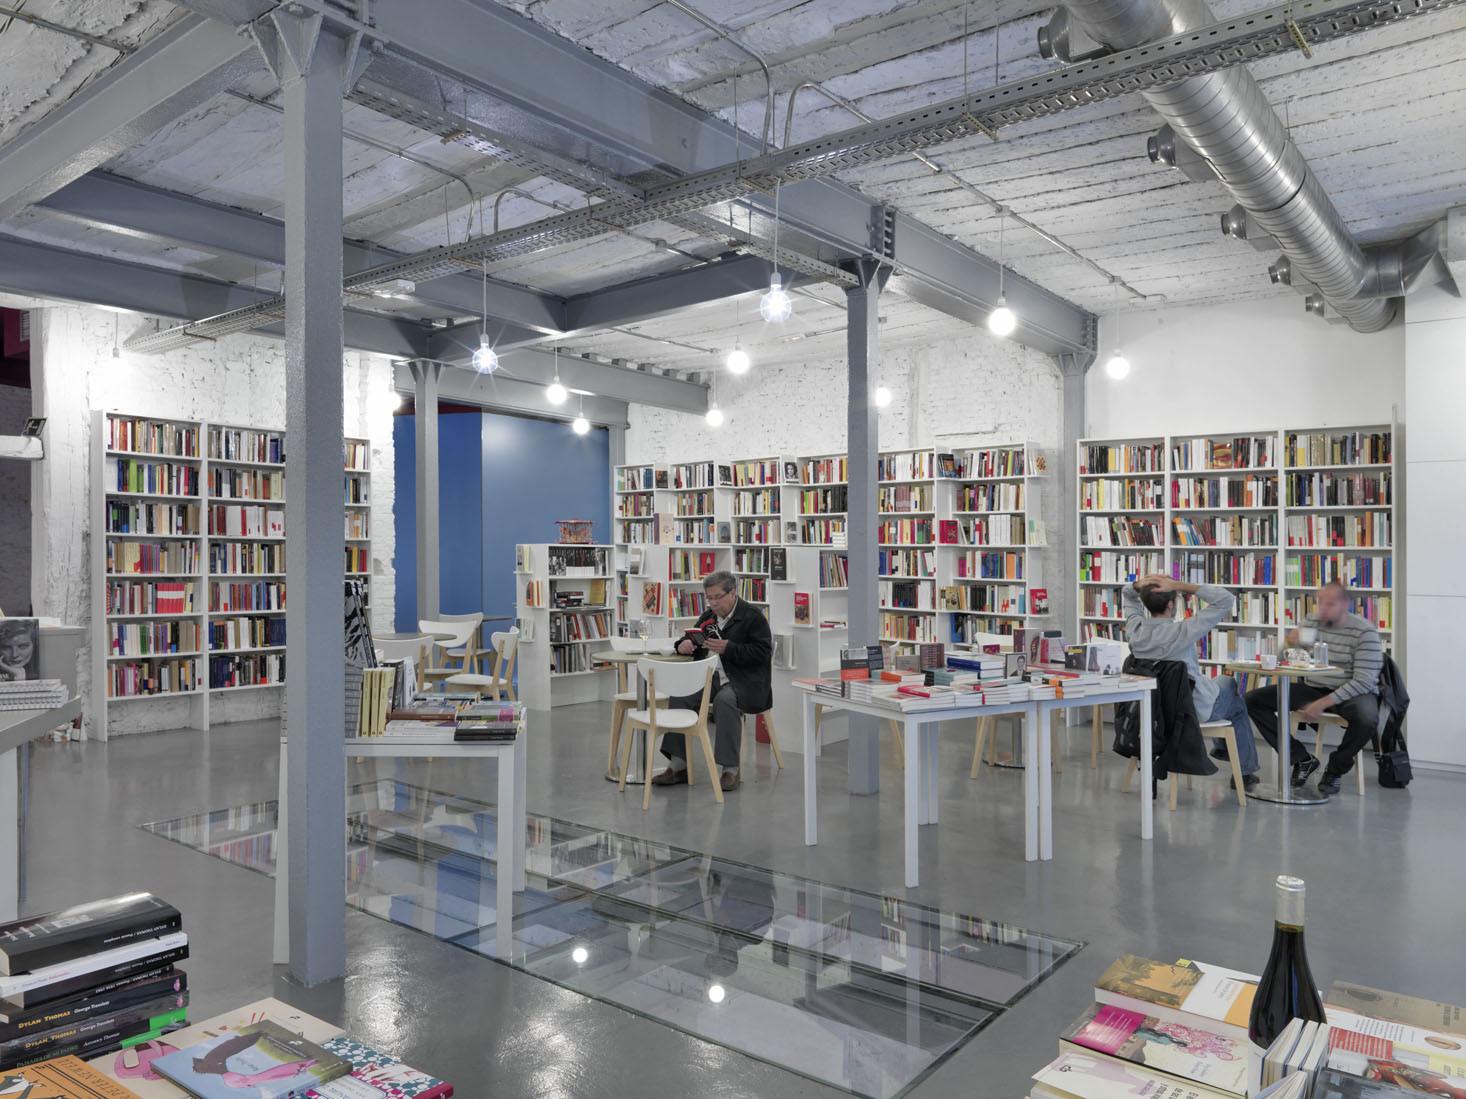 Librería y Café / MYCC oficina de arquitectura, © Javier Ortega